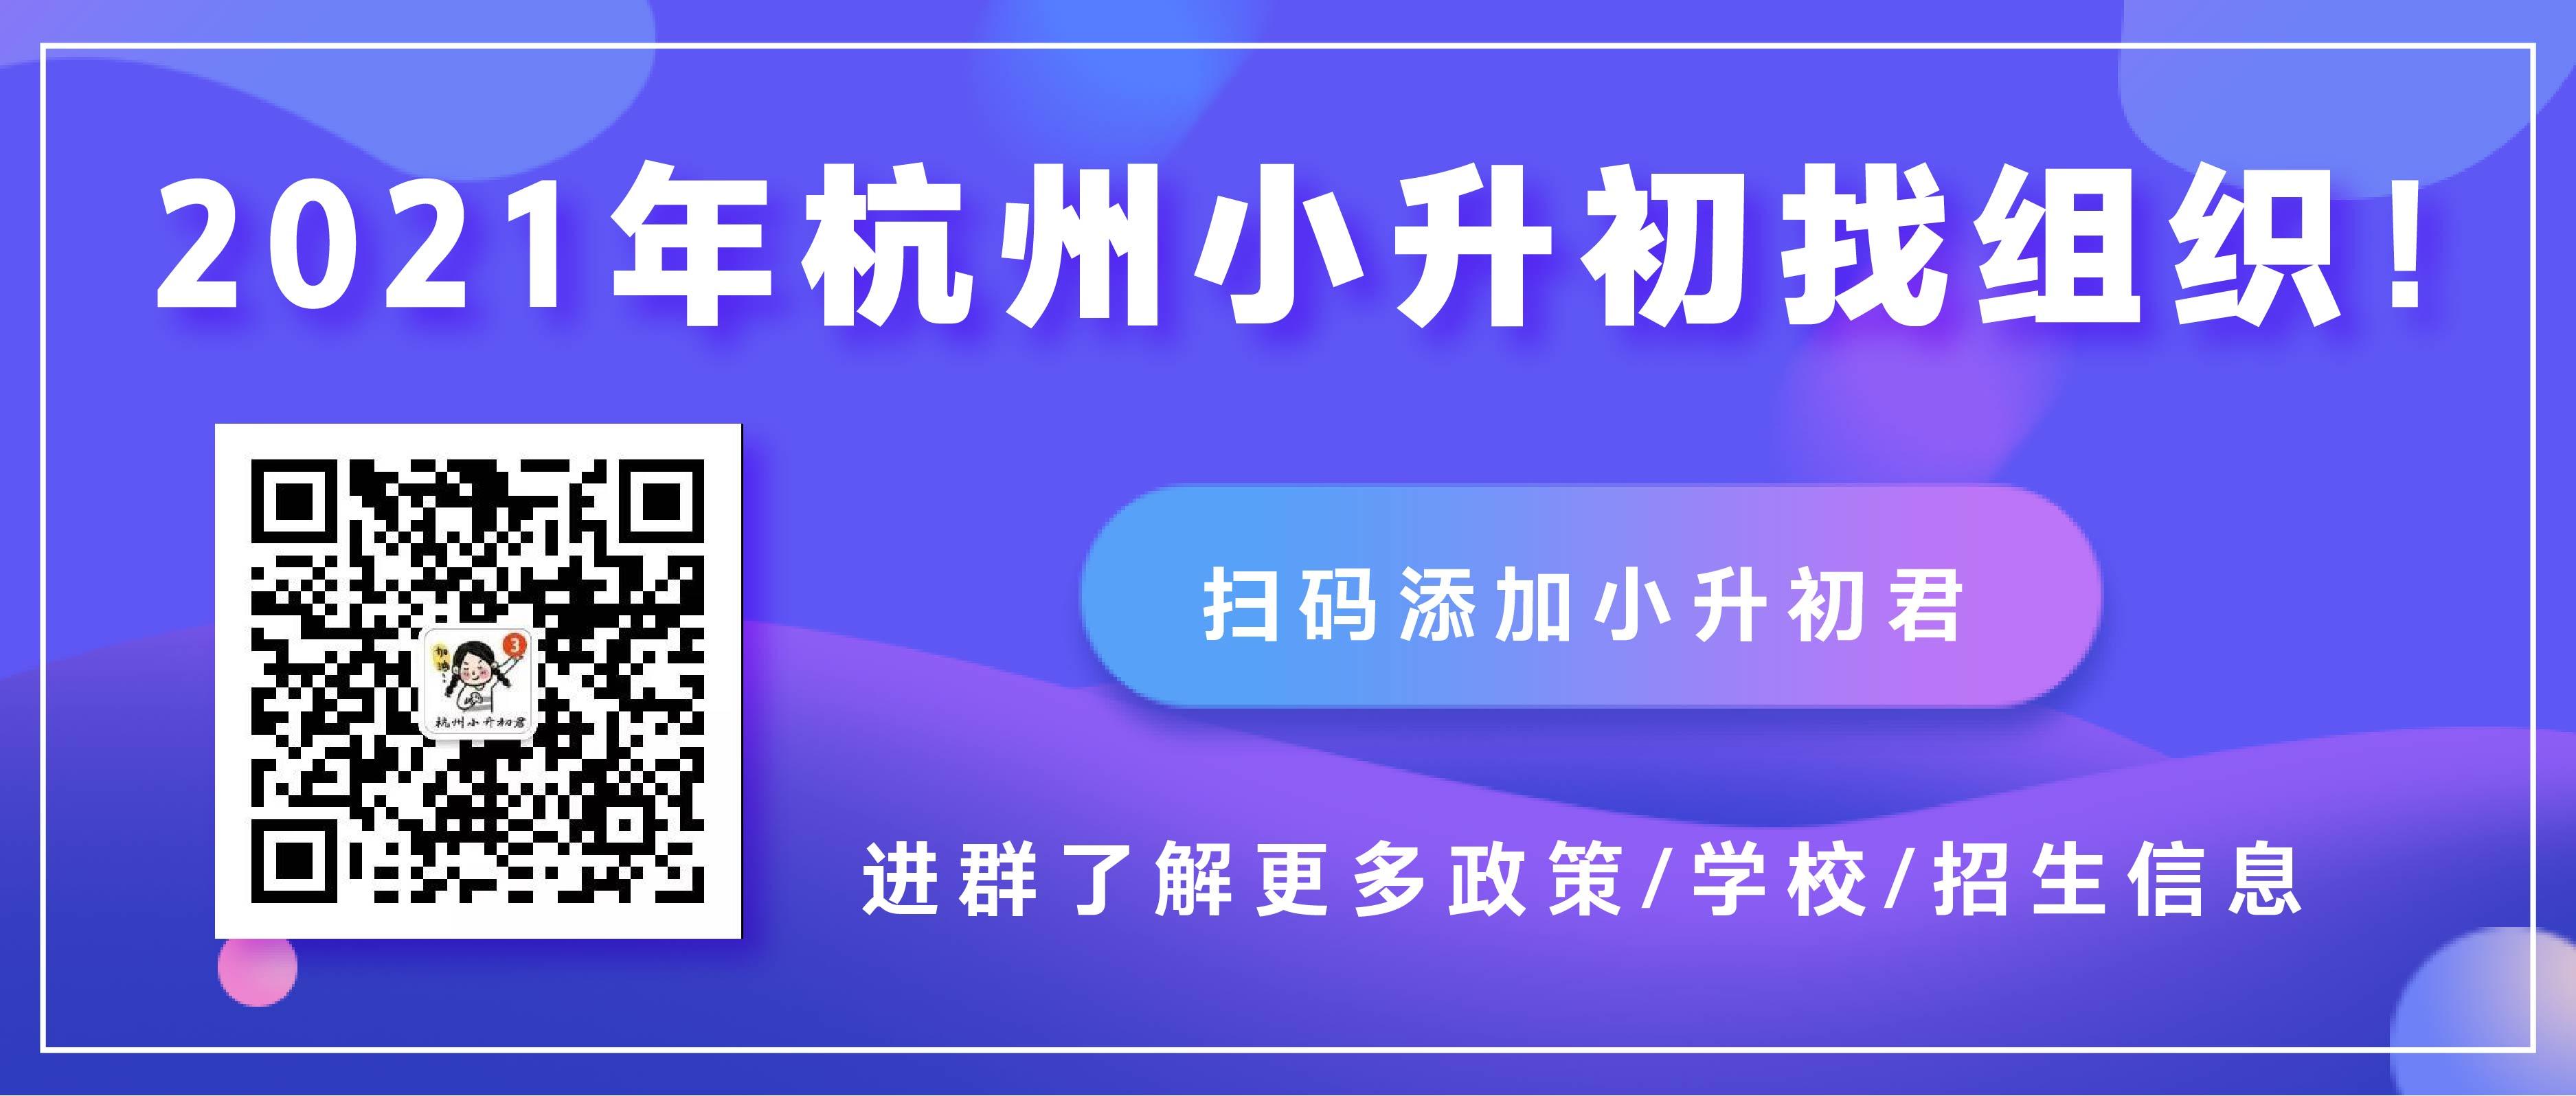 20200716--2021年杭州小升初找组织.jpg